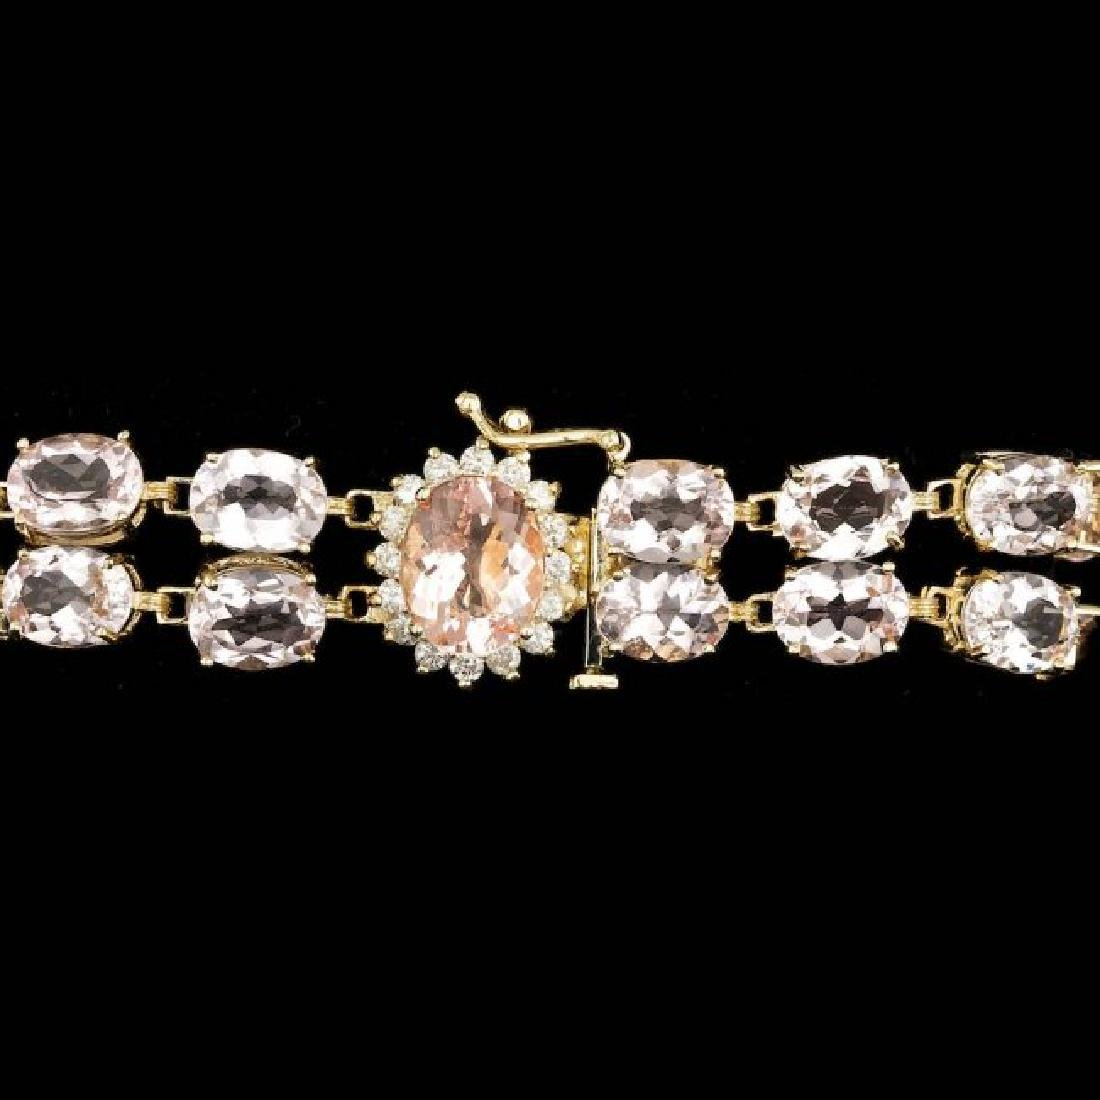 14k Gold 41.5ct Morganite 0.60ct Diamond Bracelet